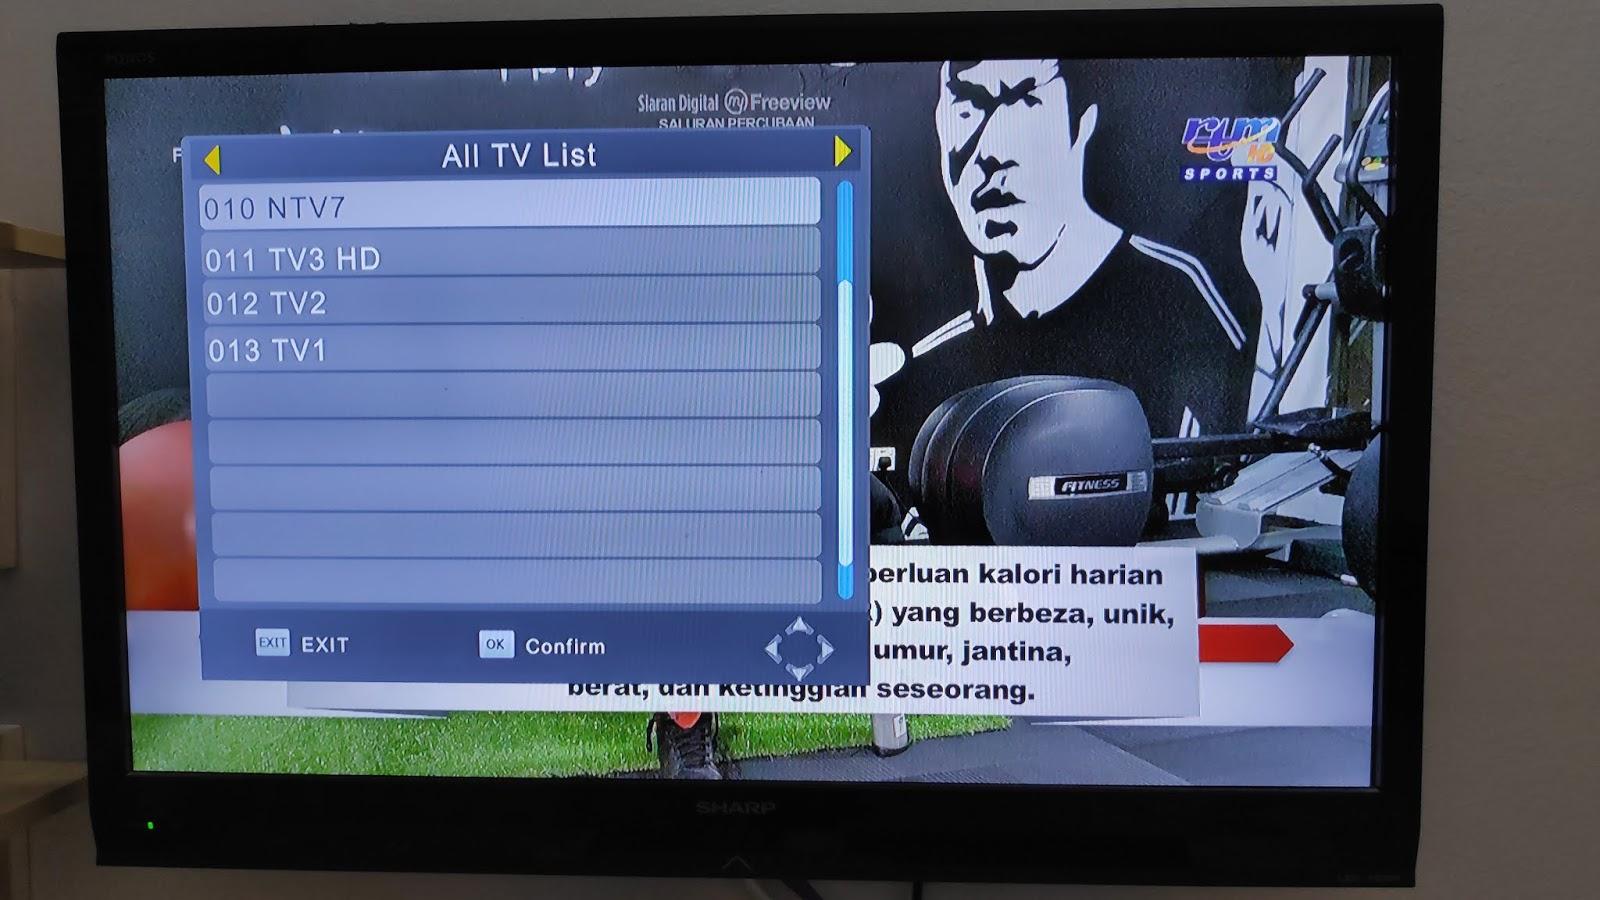 MYTV DVB-T2: CARA-CARA CARI SIGNAL MYTV DENGAN DEKODER DVB-T2